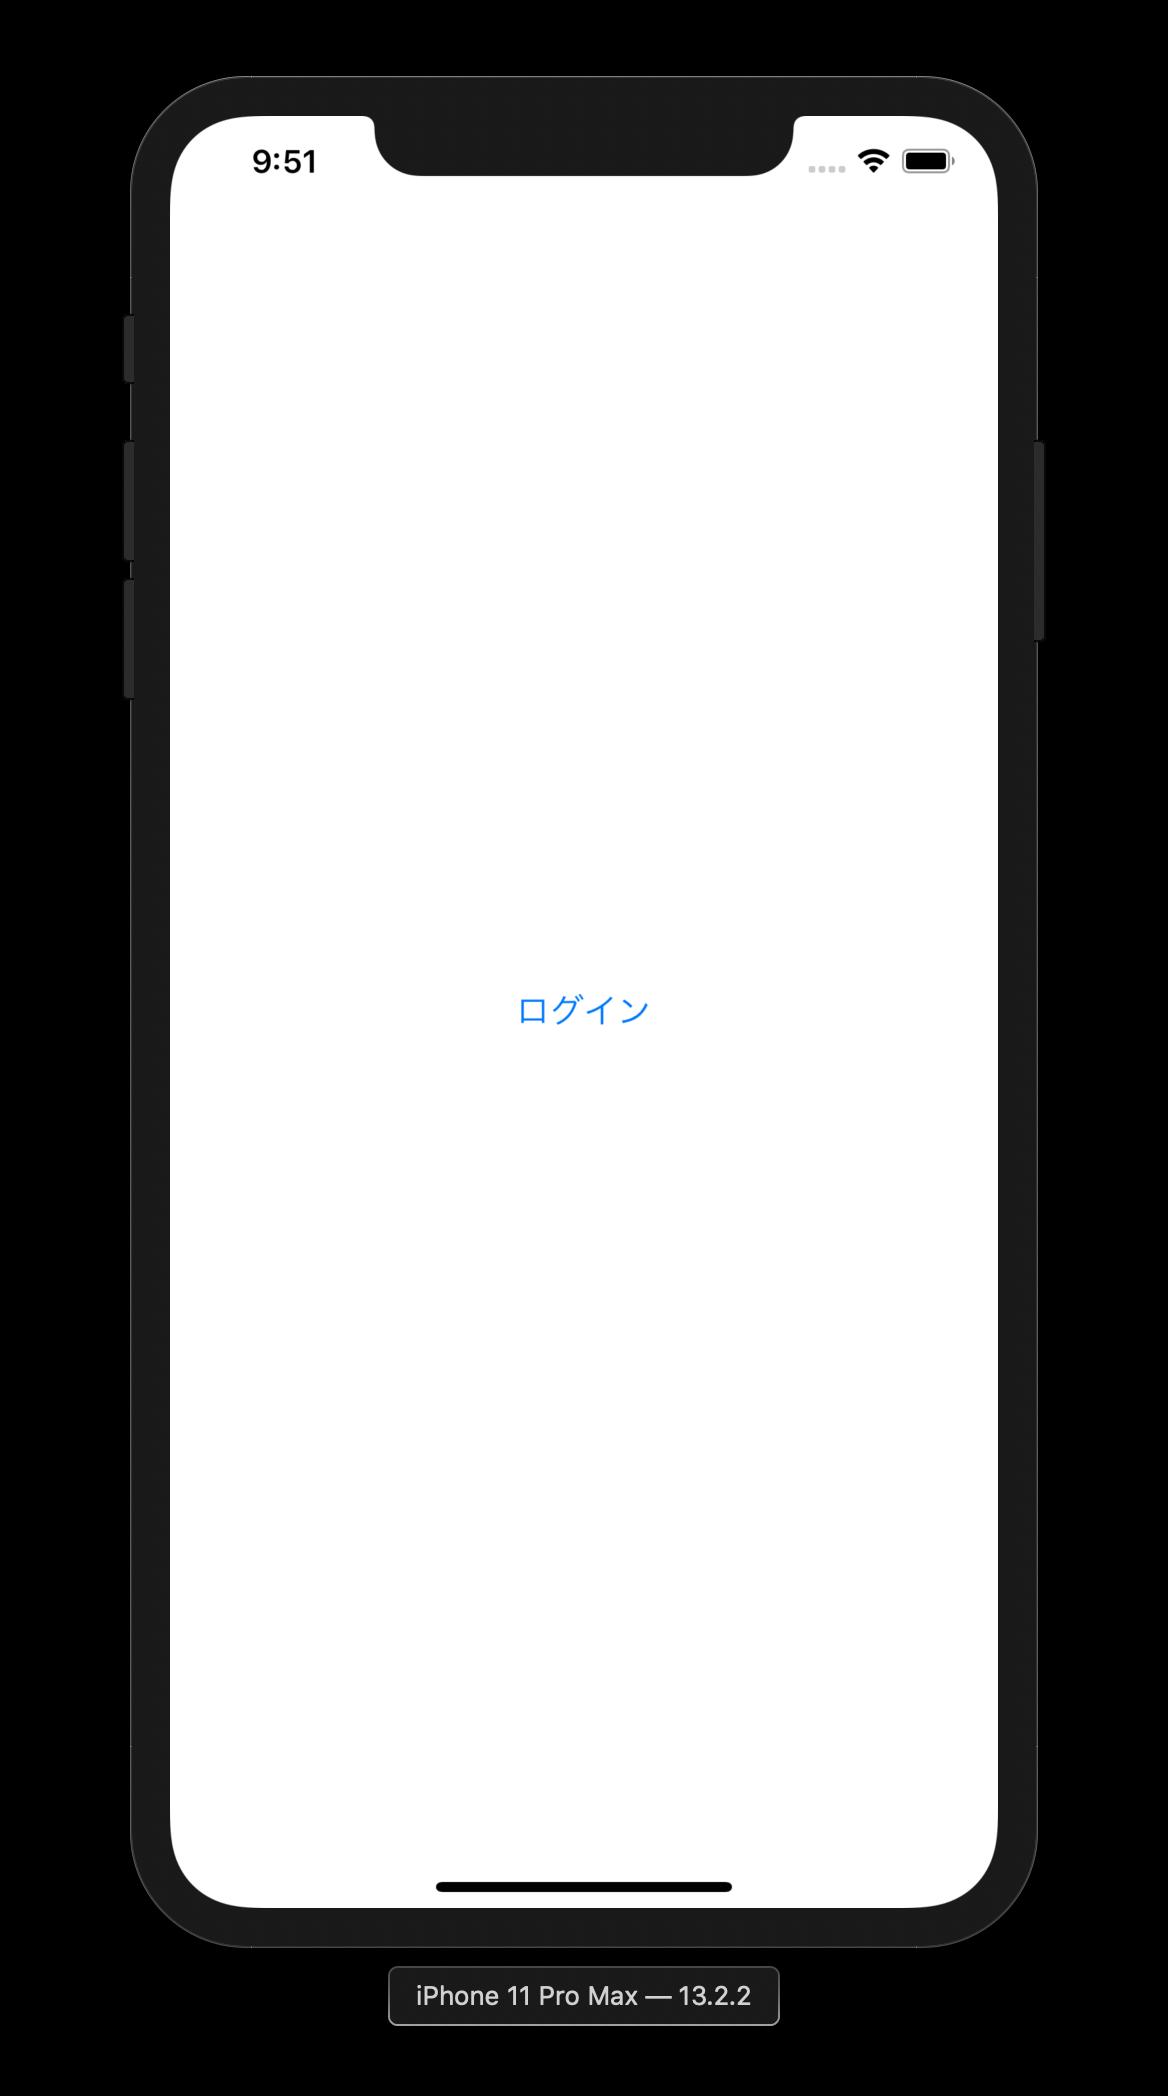 スクリーンショット 2019-12-08 9.51.50.png